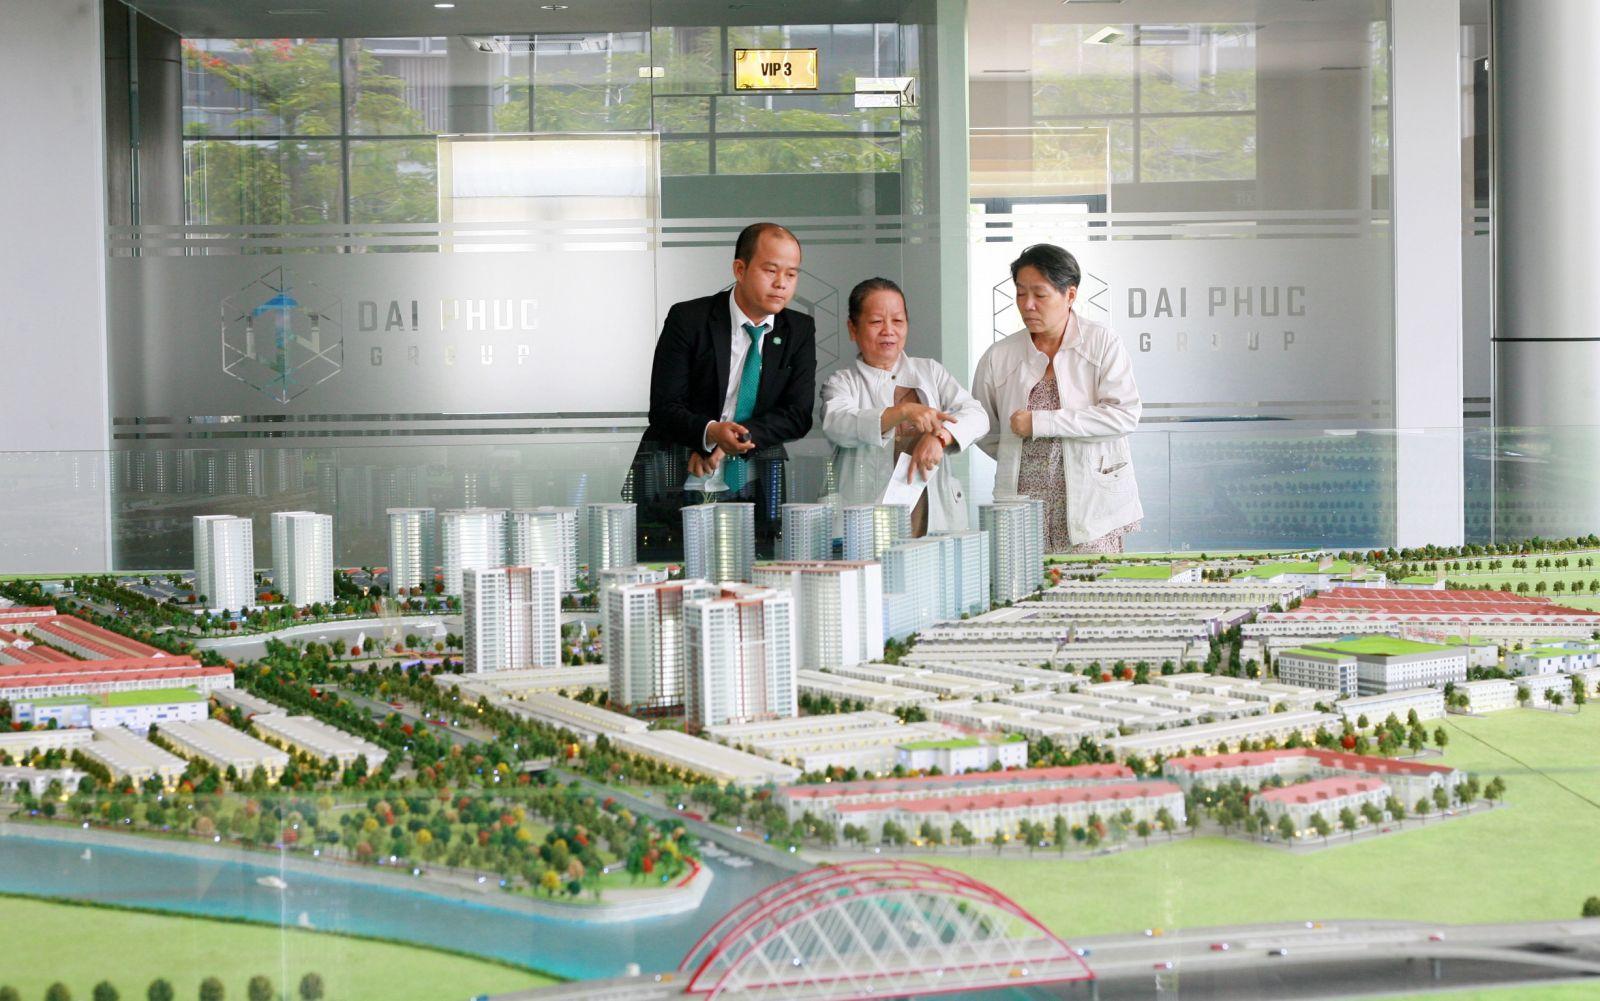 Các khách hàng lớn tuổi đến một công ty BDS uy tín tại Q.Thủ Đức để tìm cho mình một nền đất ưng ý trong năm nay.